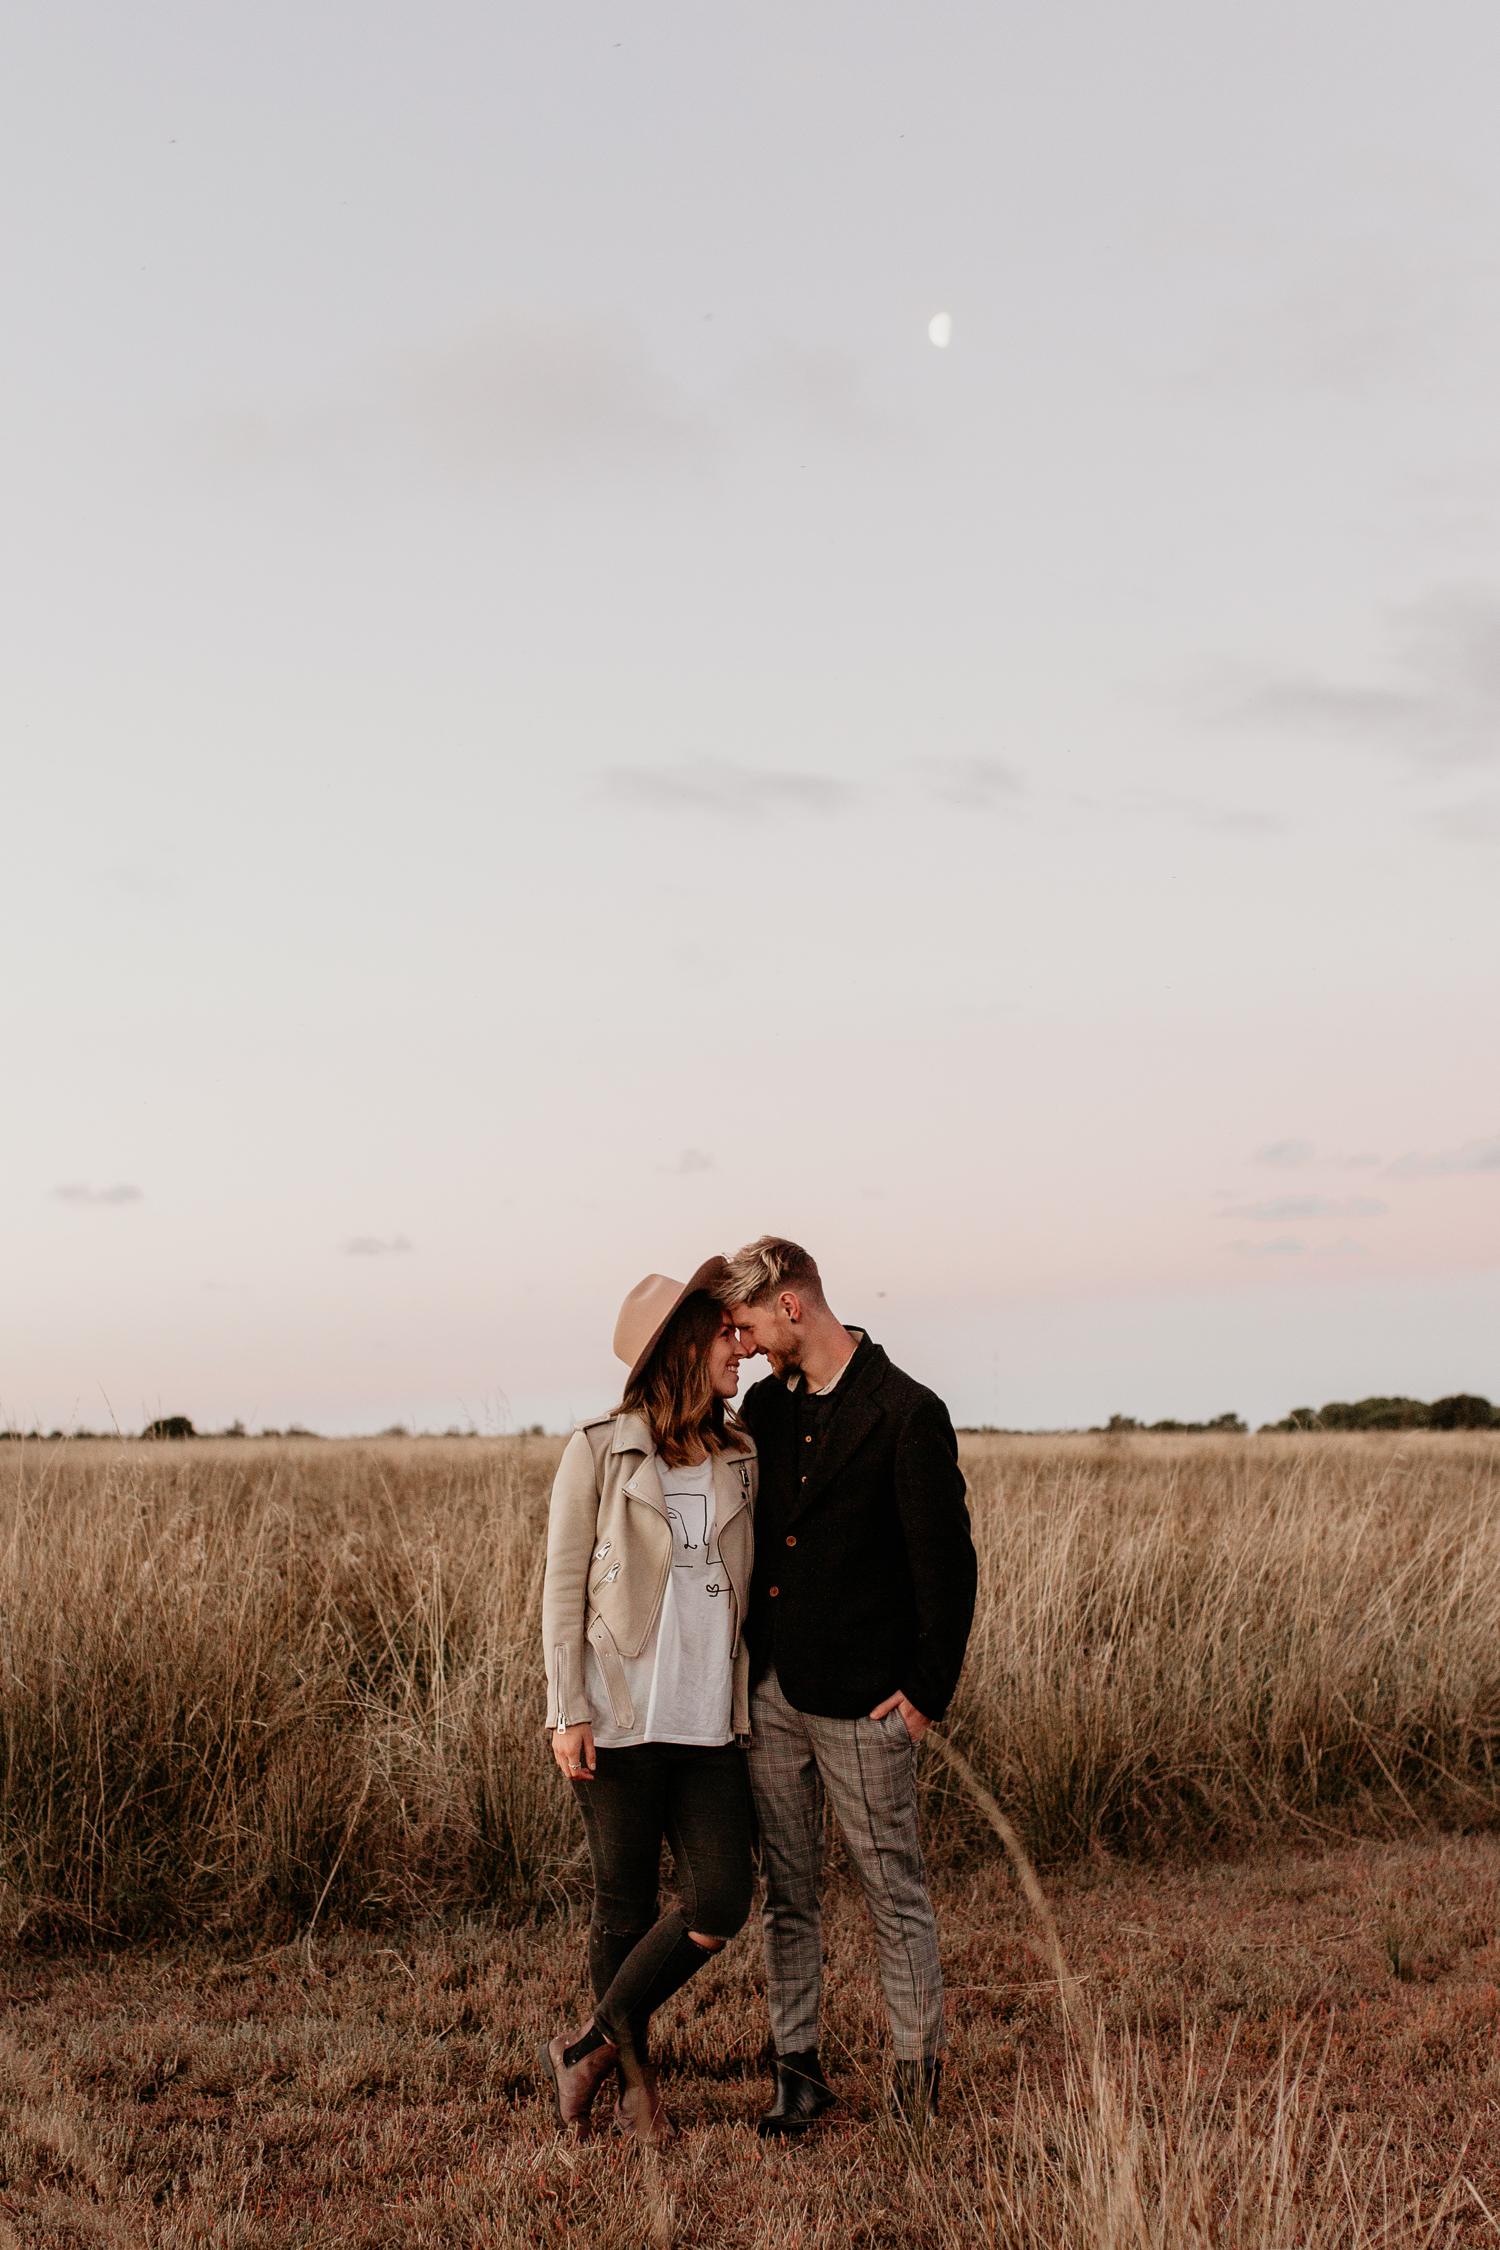 JordanKeegan-NewZealandPhotographer-Couple-Adventure-7434.jpg